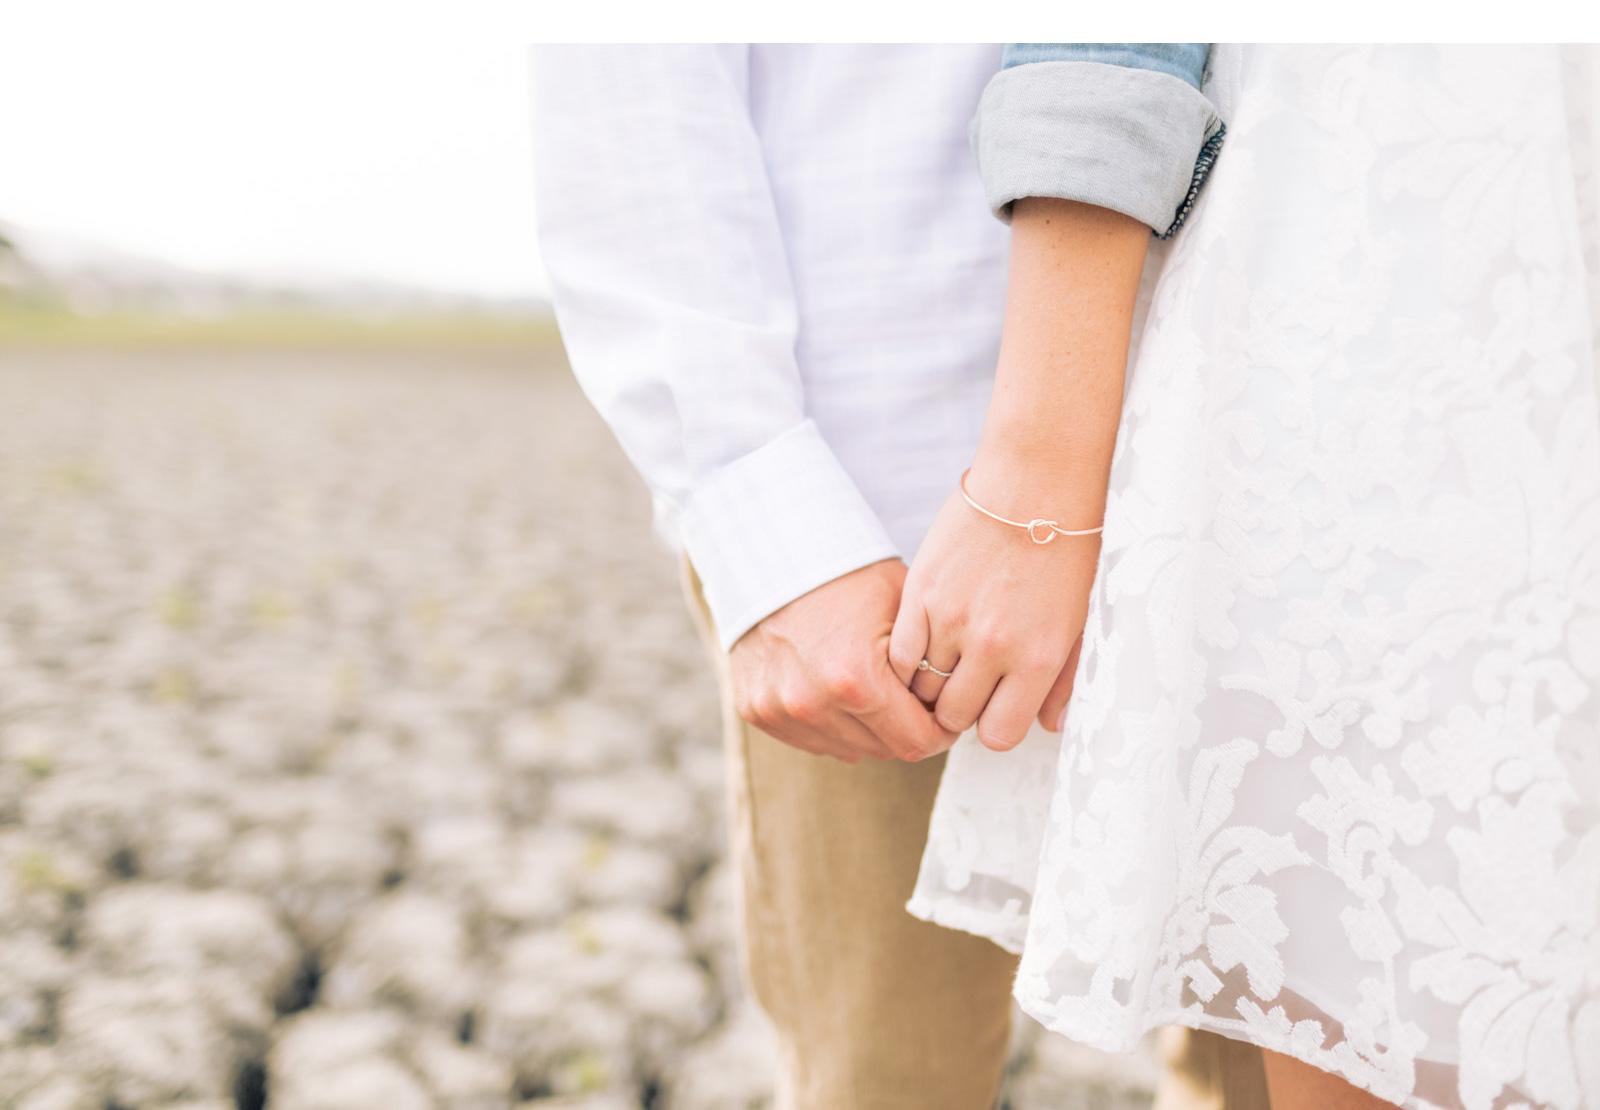 Natalie-Schutt-Photography---Long-Beach-Wedding-Photographer-_03.jpg